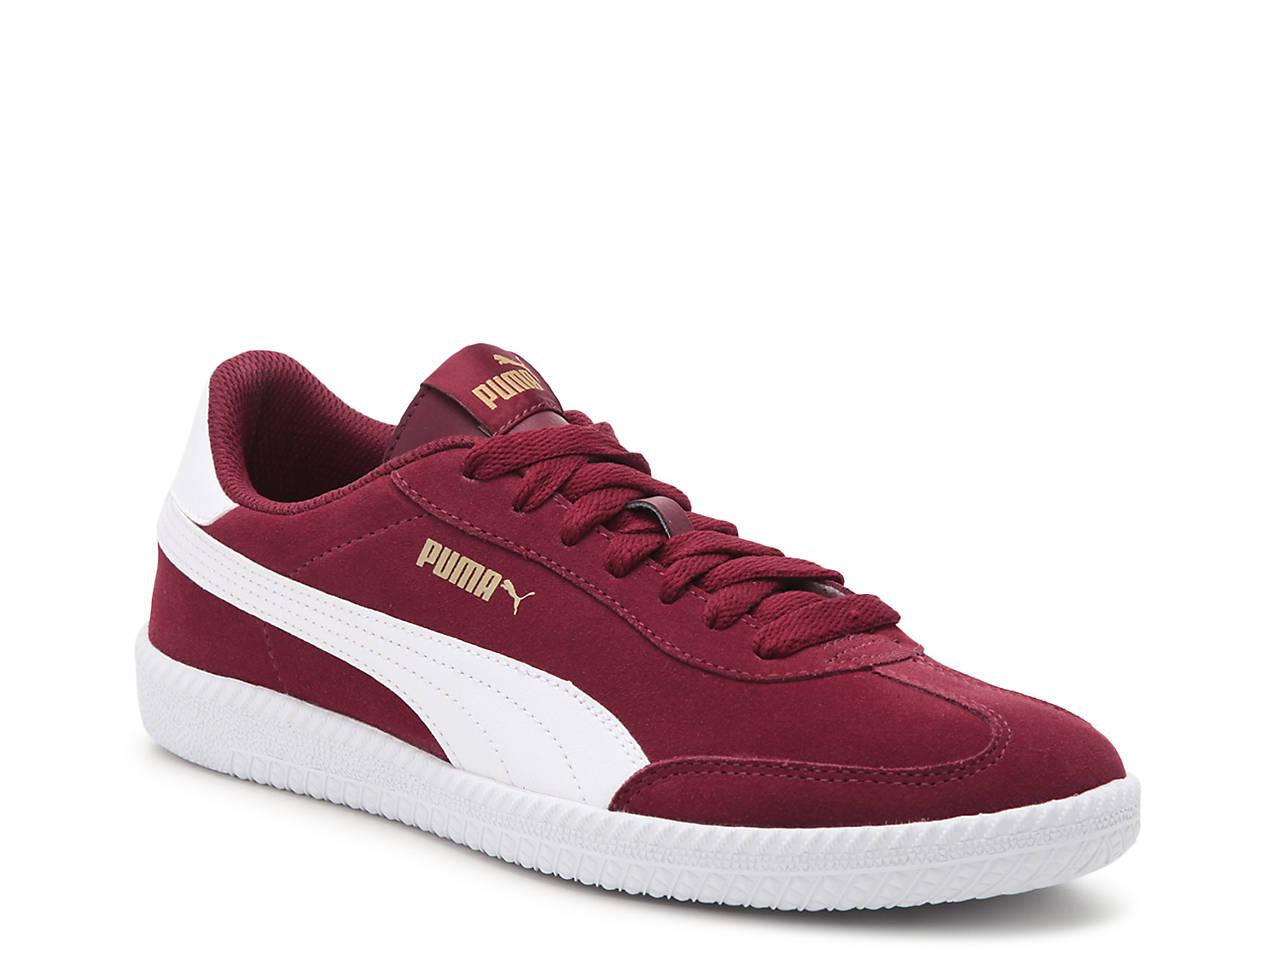 fe8bdcbe4b34 Puma Astro Cup Sneaker - Men s Men s Shoes